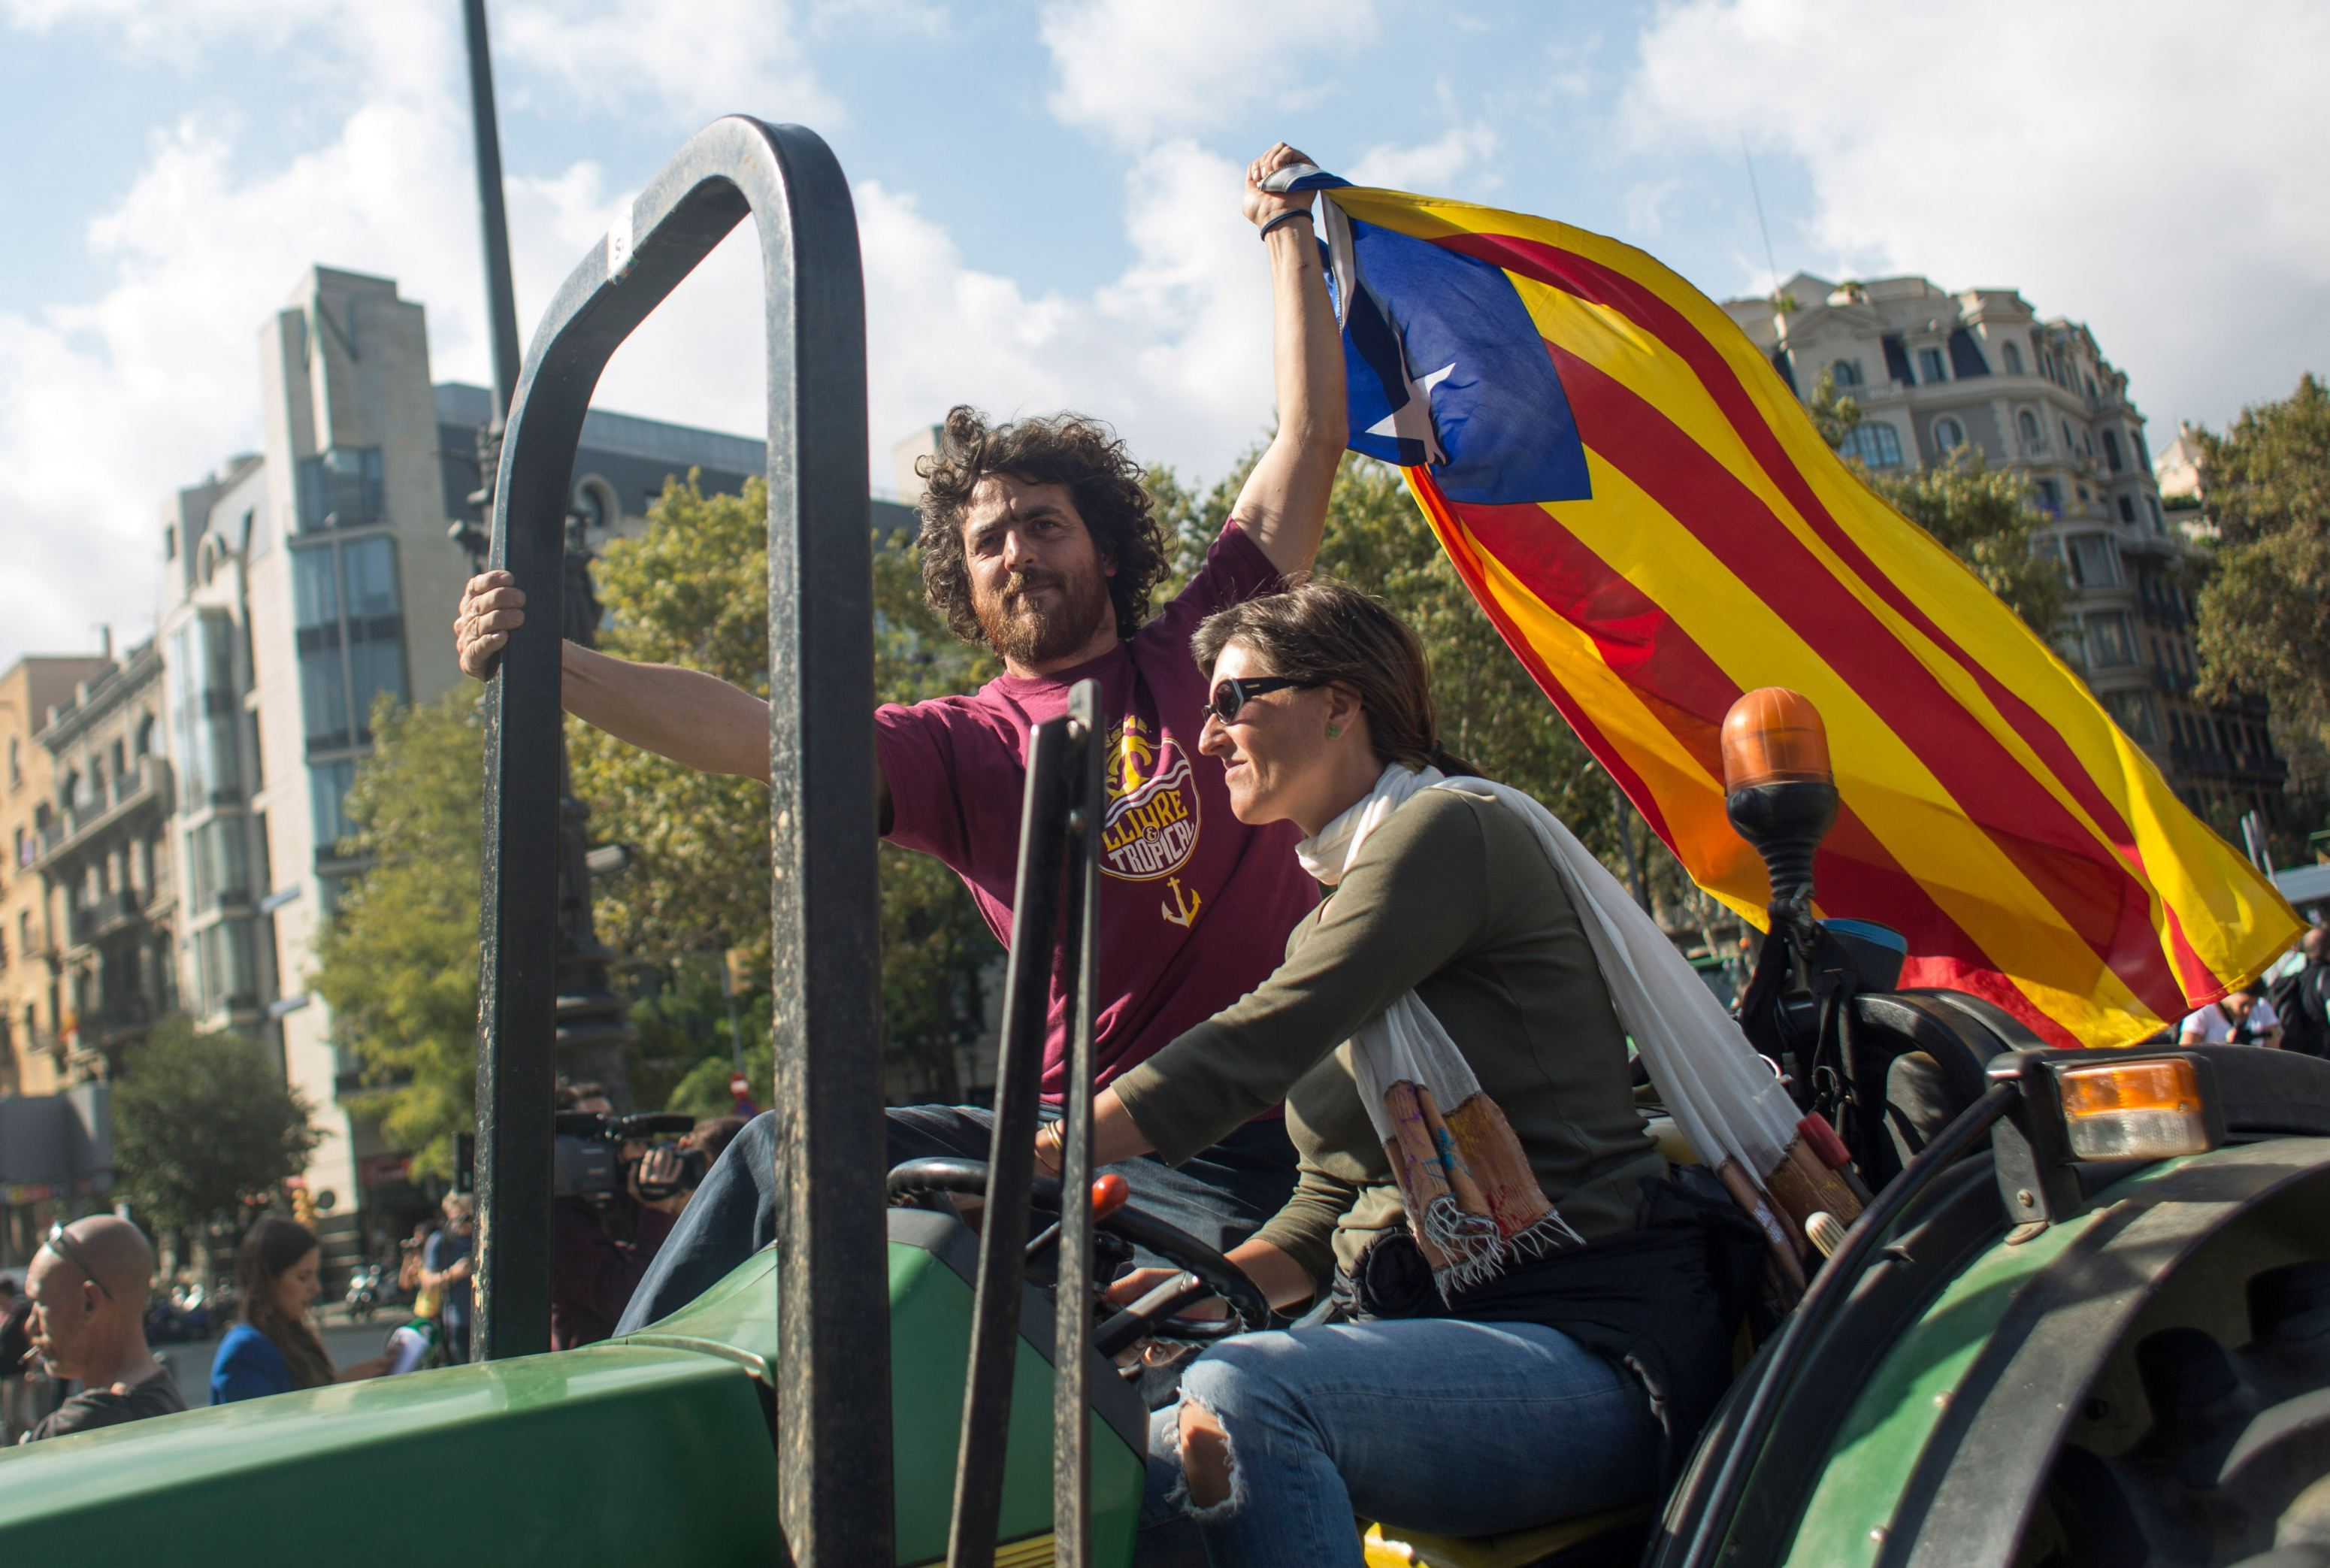 Premierul regiunii Catalonia face apel la CALM înaintea expirării ultimatumului adresat de Spania. Guvernul spaniol va prelua controlul asupra regiunii în cazul unui răspuns ambiguu